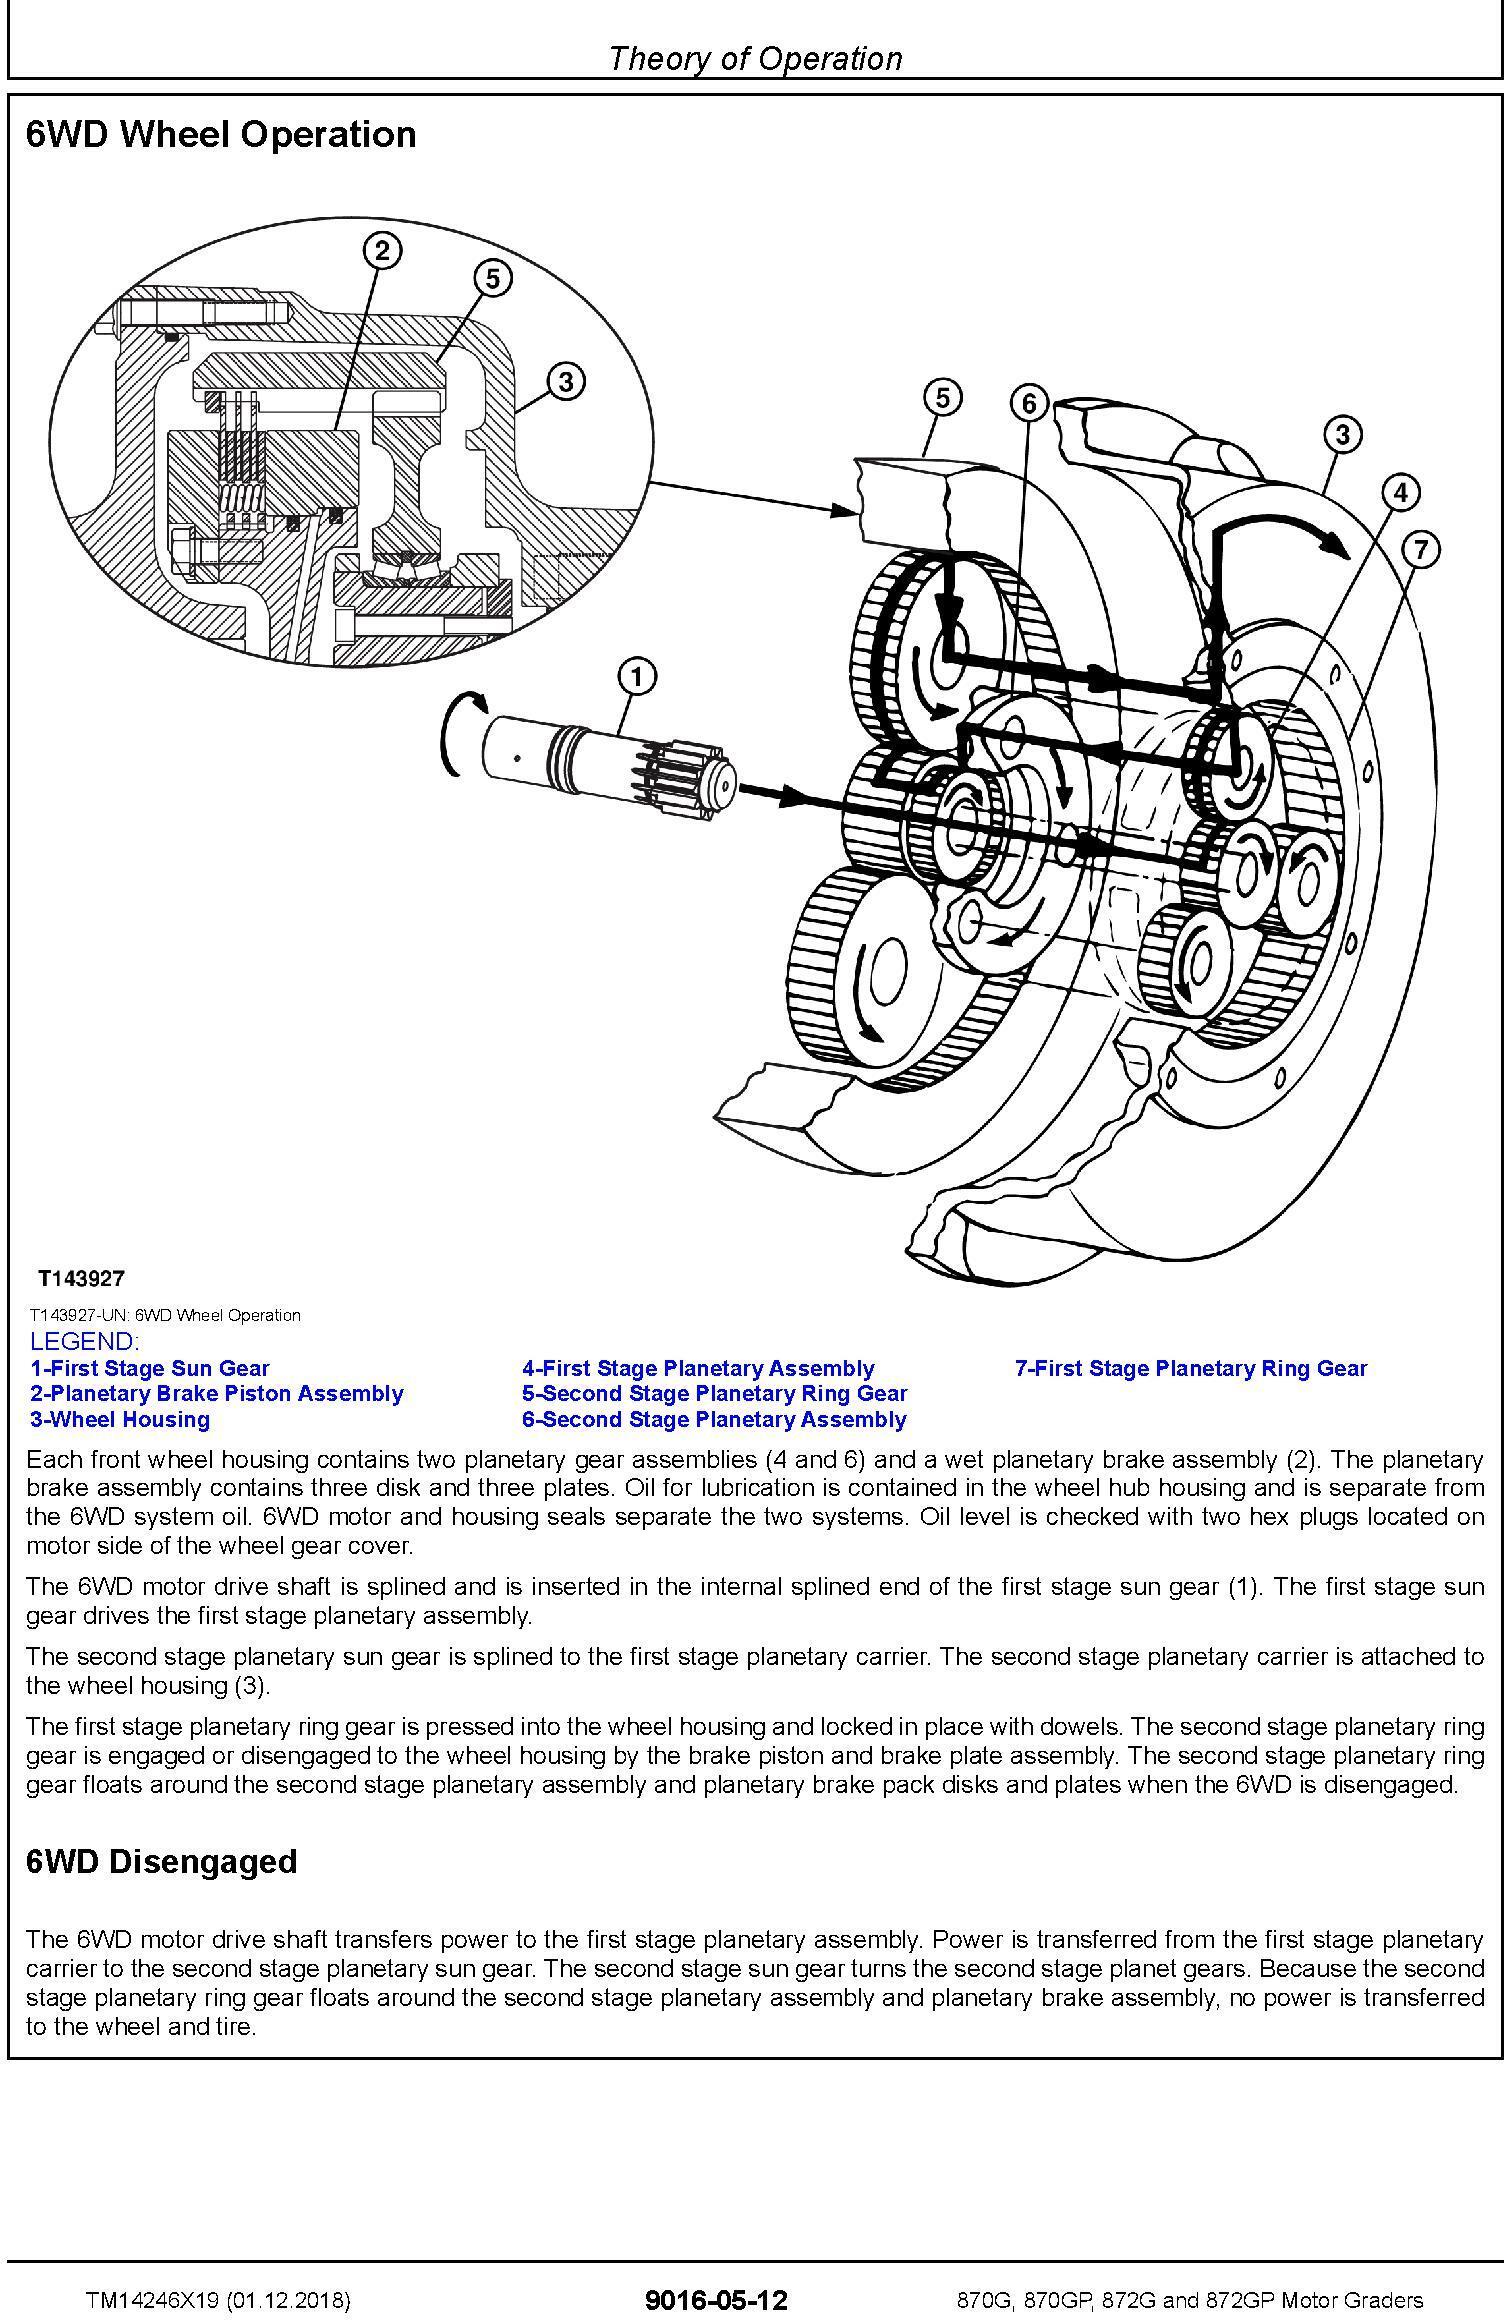 John Deere 870G,870GP,872G,872GP (SN.F680878-,L700954-) Motor Graders Diagnostic Manual (TM14246X19) - 2